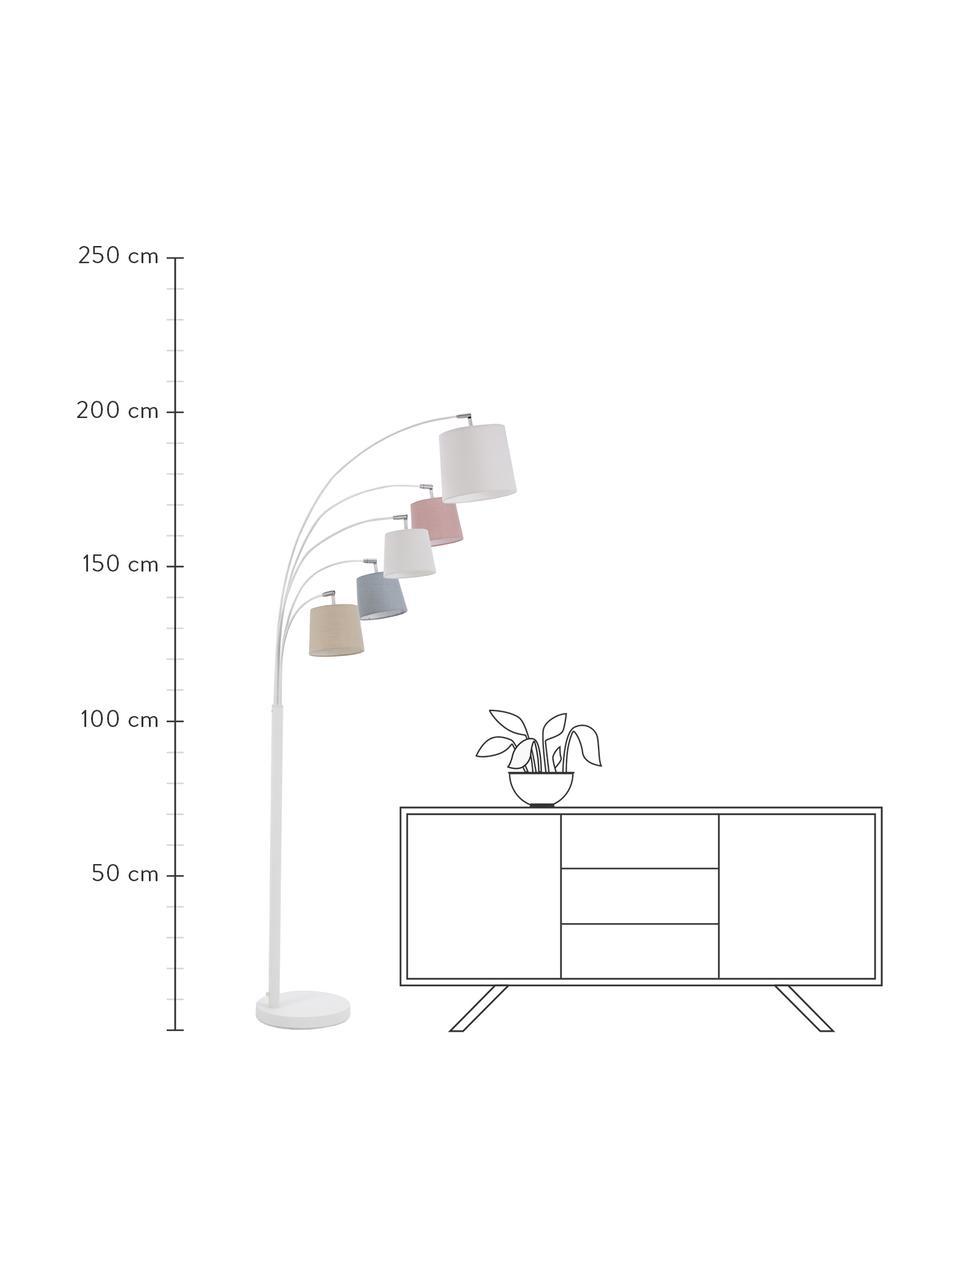 Lampada da terra con paralumi in tessuto Foggy, Paralume: poliestere, cotone, Base della lampada: metallo verniciato, Bianco, grigio, rosa, Larg. 80 x Alt. 200 cm